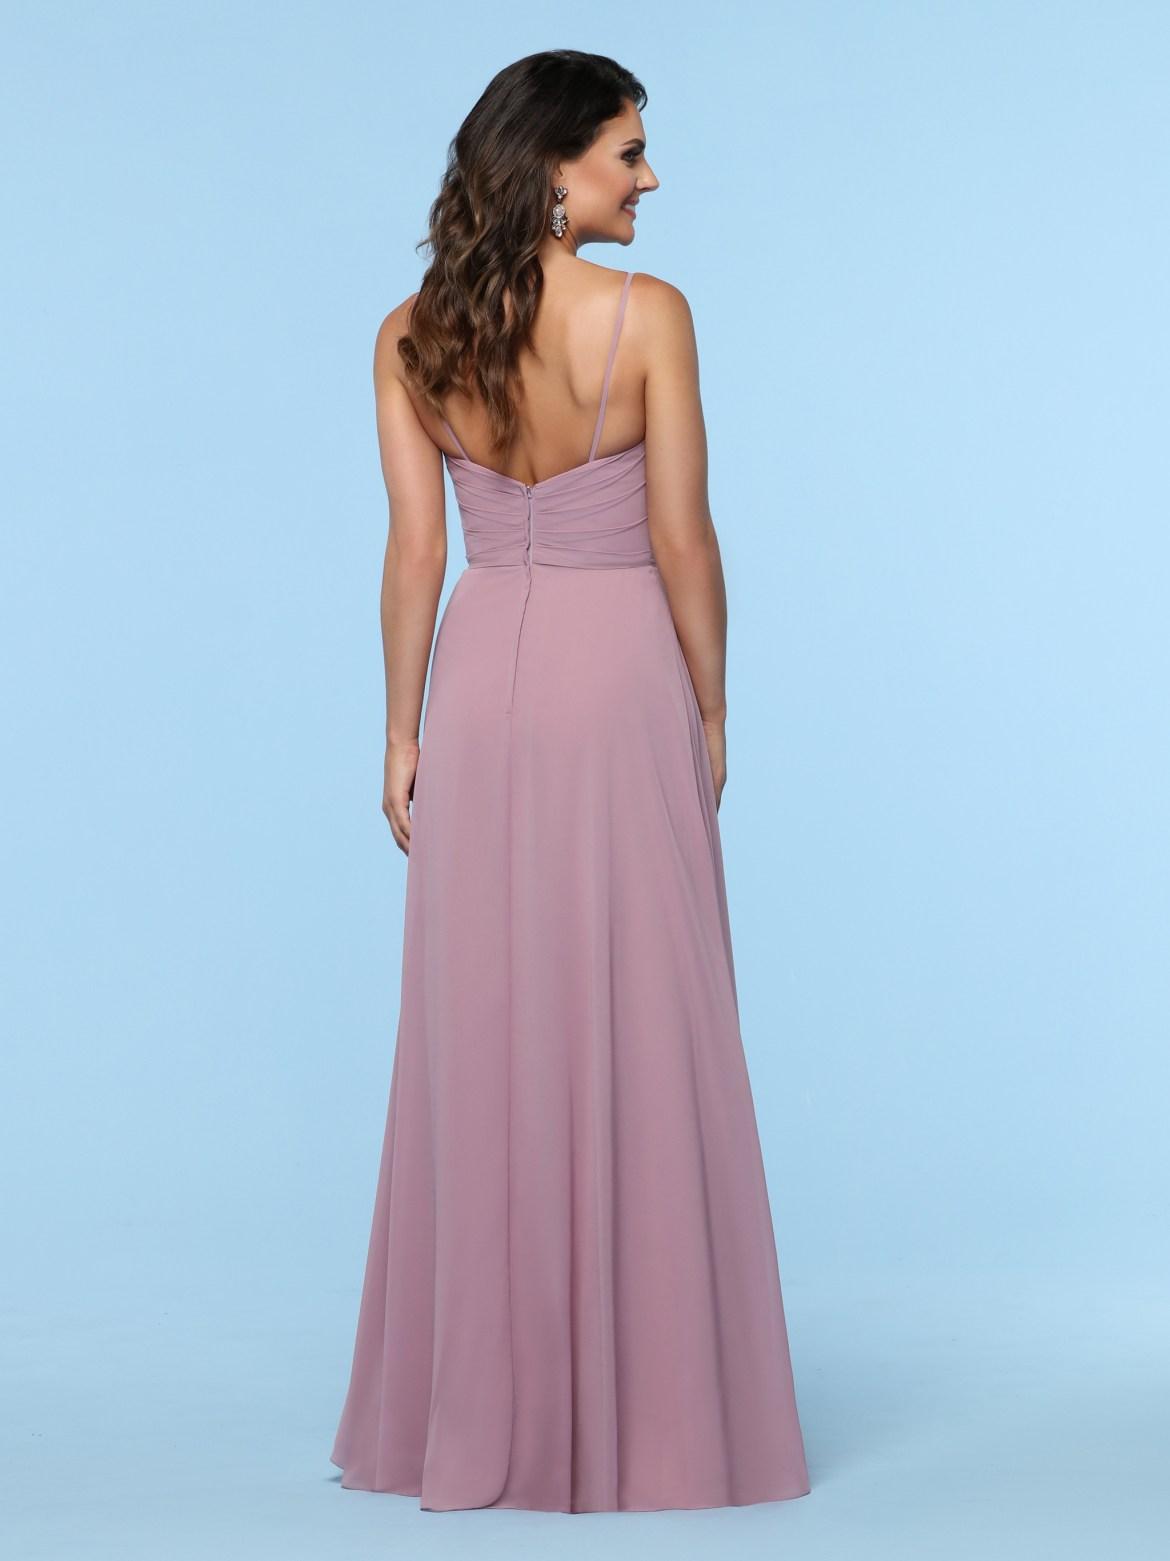 91f322562557 Strapless Chiffon Dress With Layered Skirt